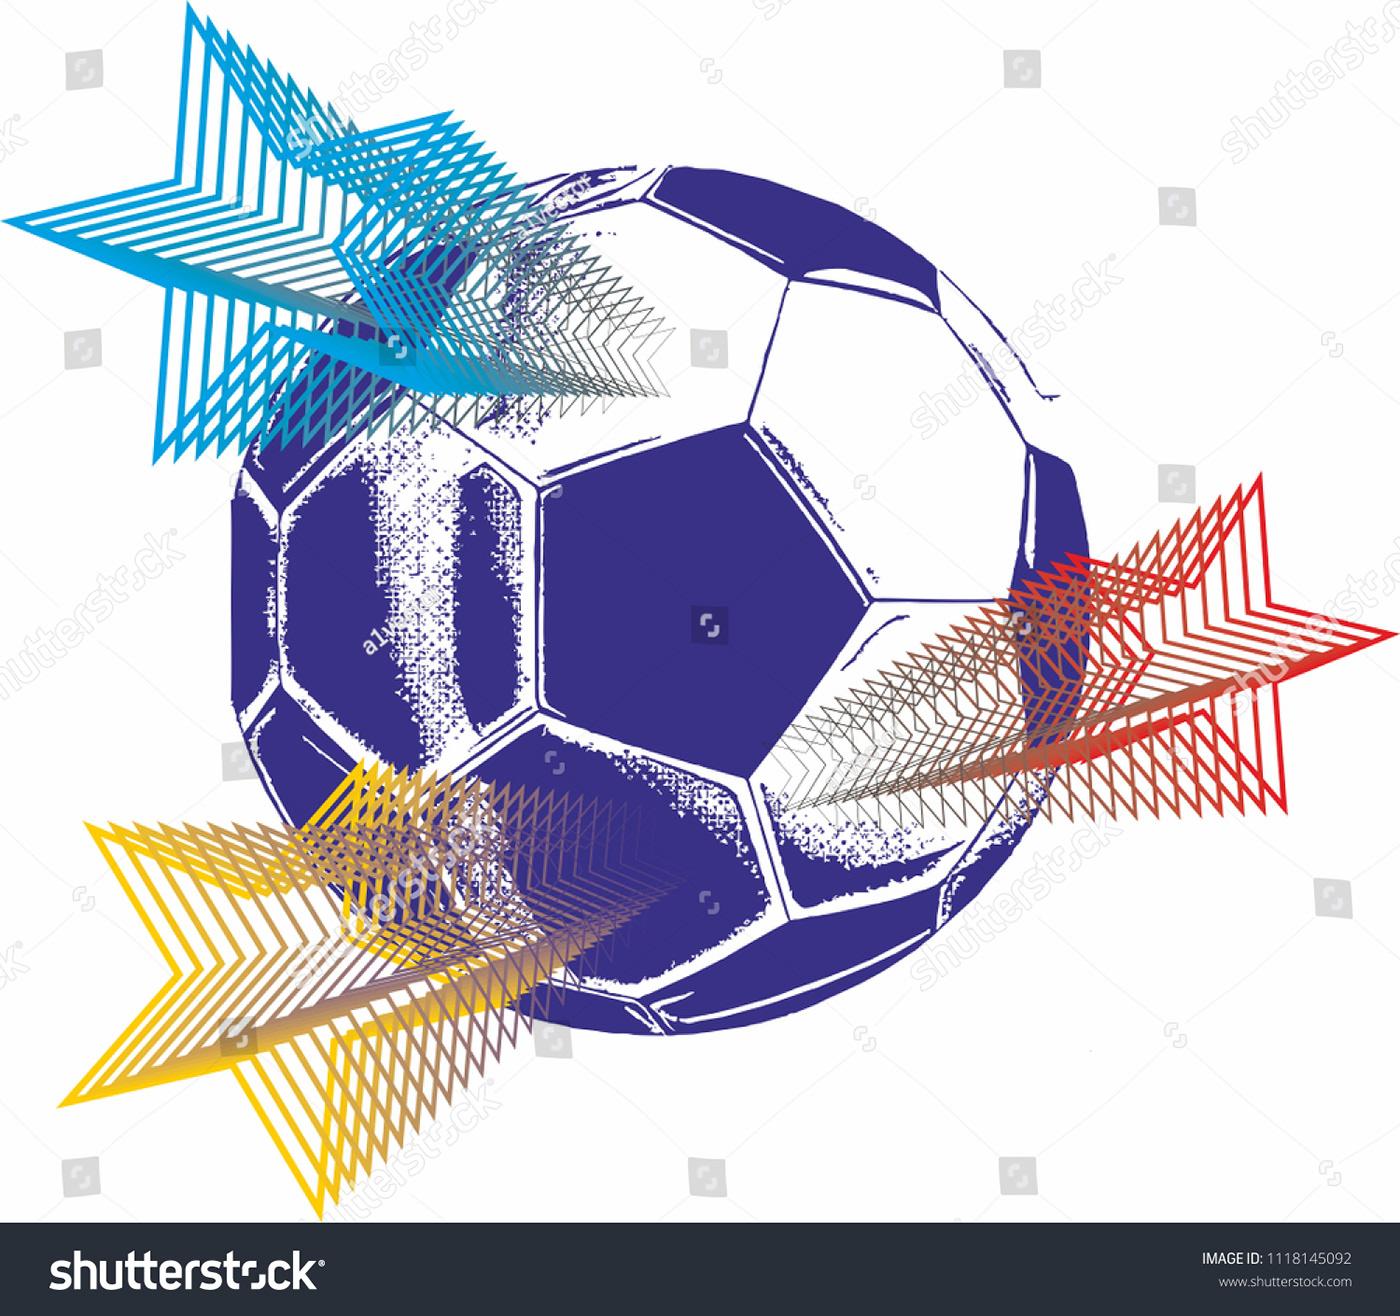 Image may contain: soccer, cartoon and screenshot